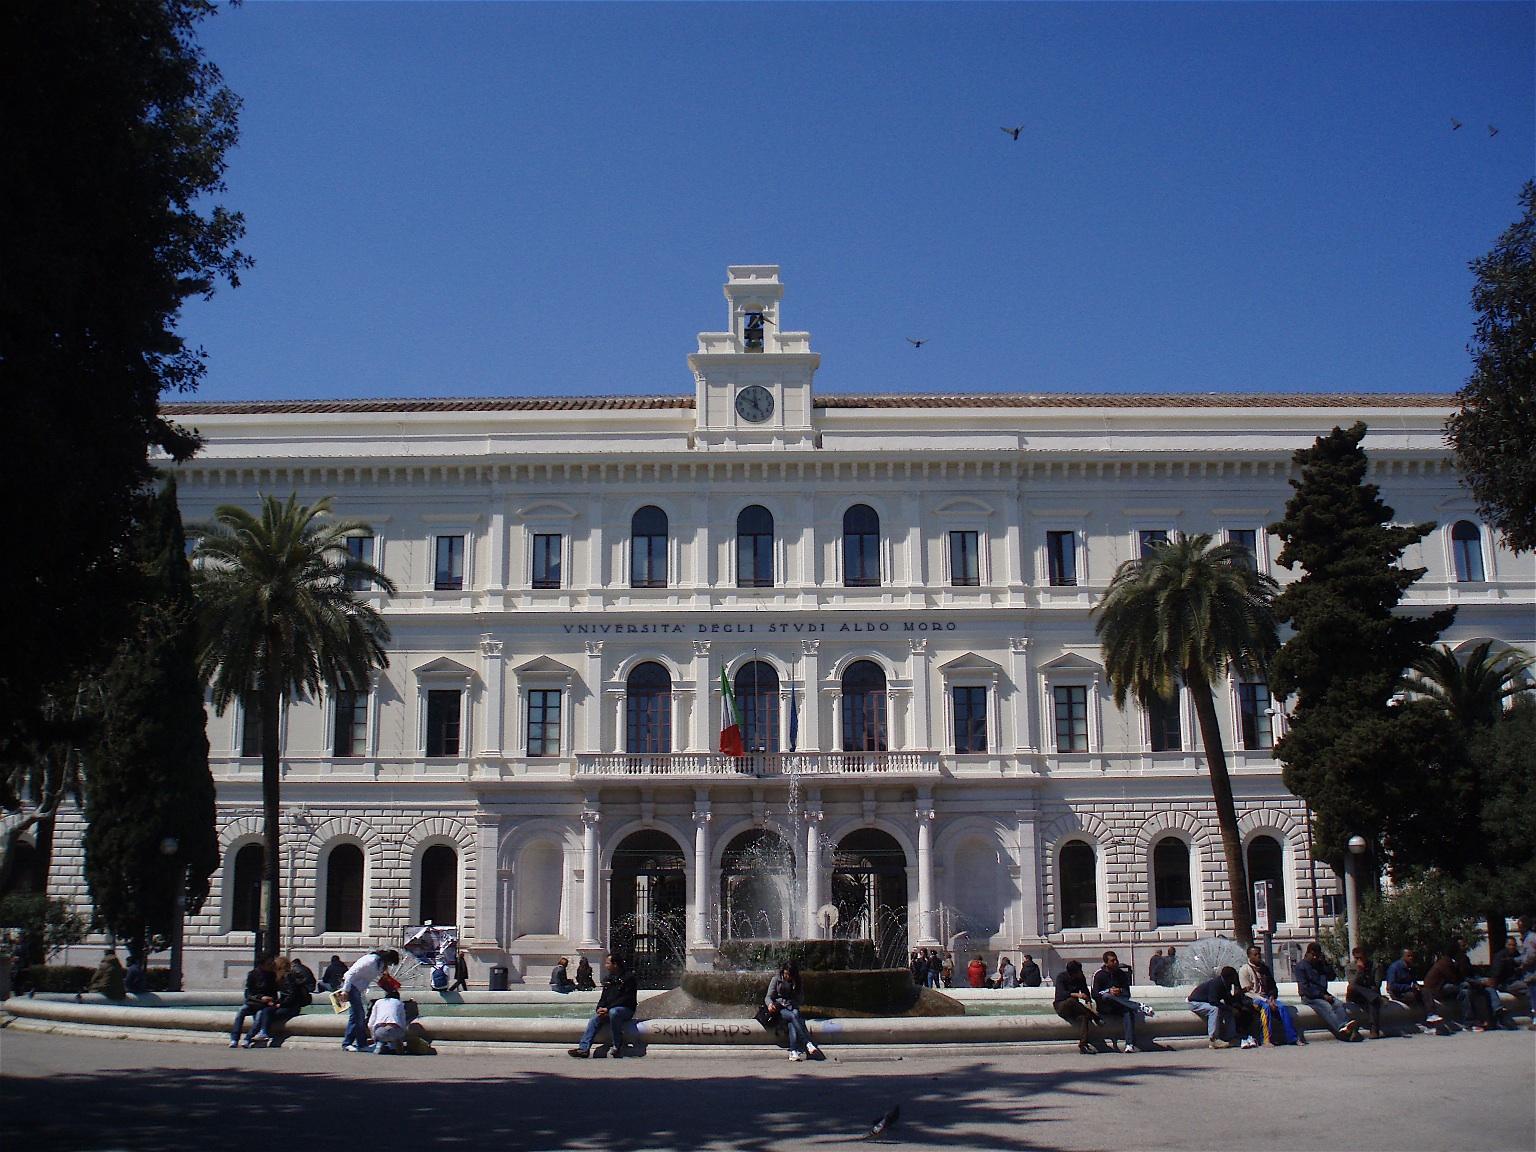 Ateneo di Bari, studenti fanno lezione in cortile